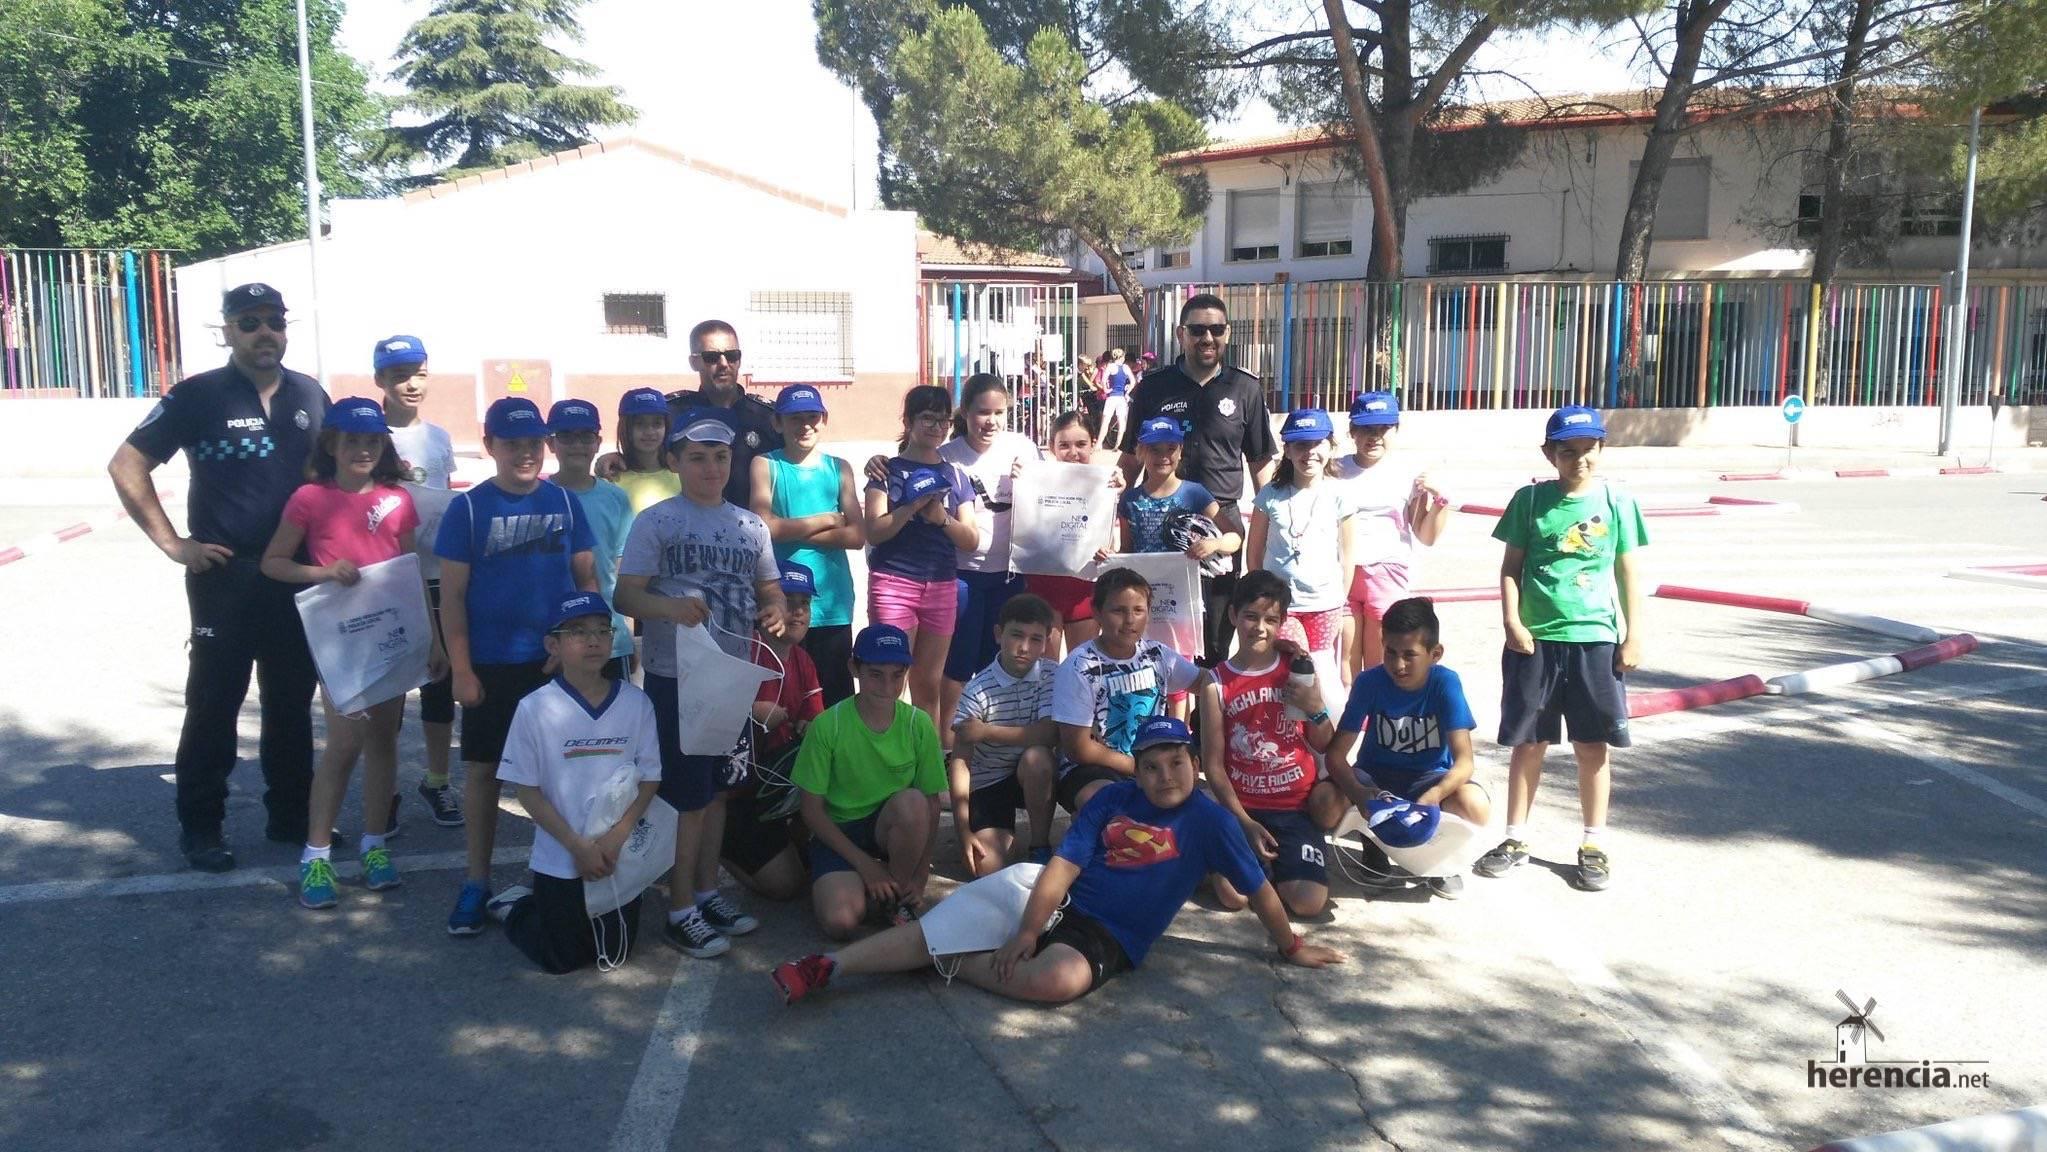 Educación Vial en los colegios por la Policía Local de Herencia